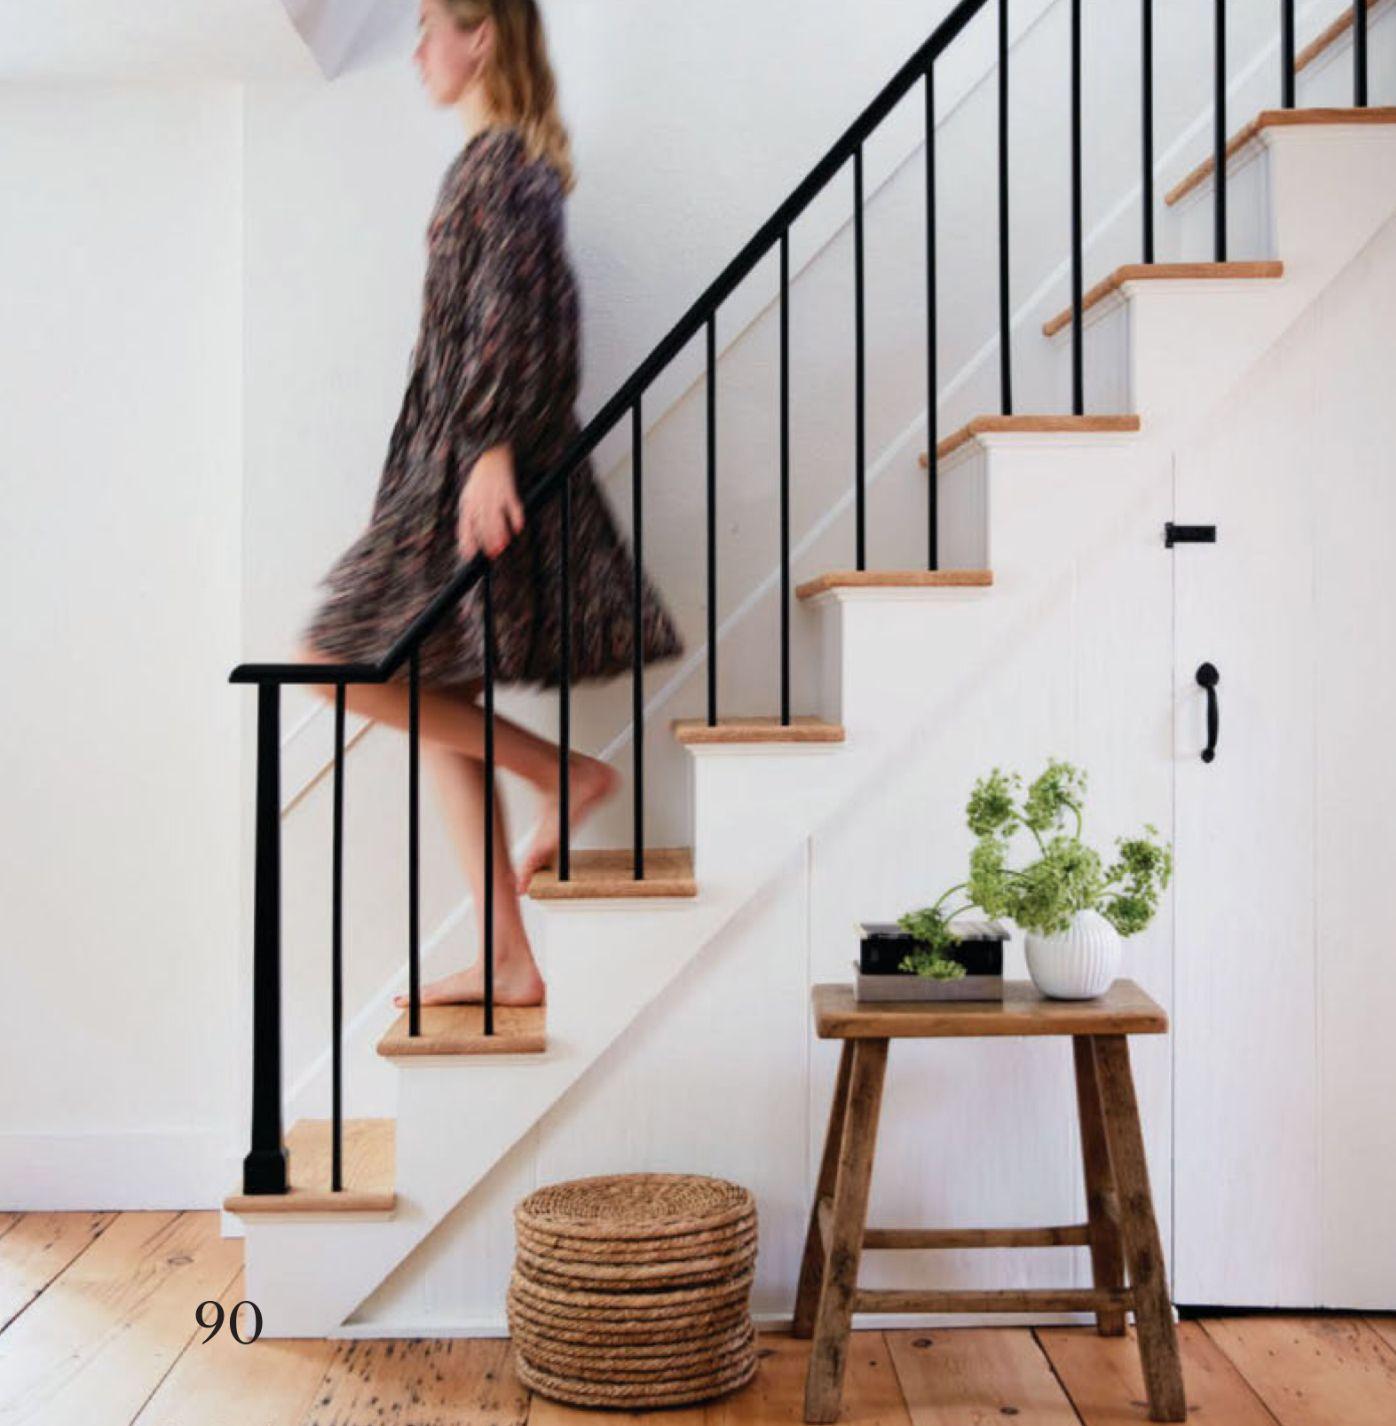 80 Modern Farmhouse Staircase Decor Ideas 64: Farmhouse Renovation Upstate